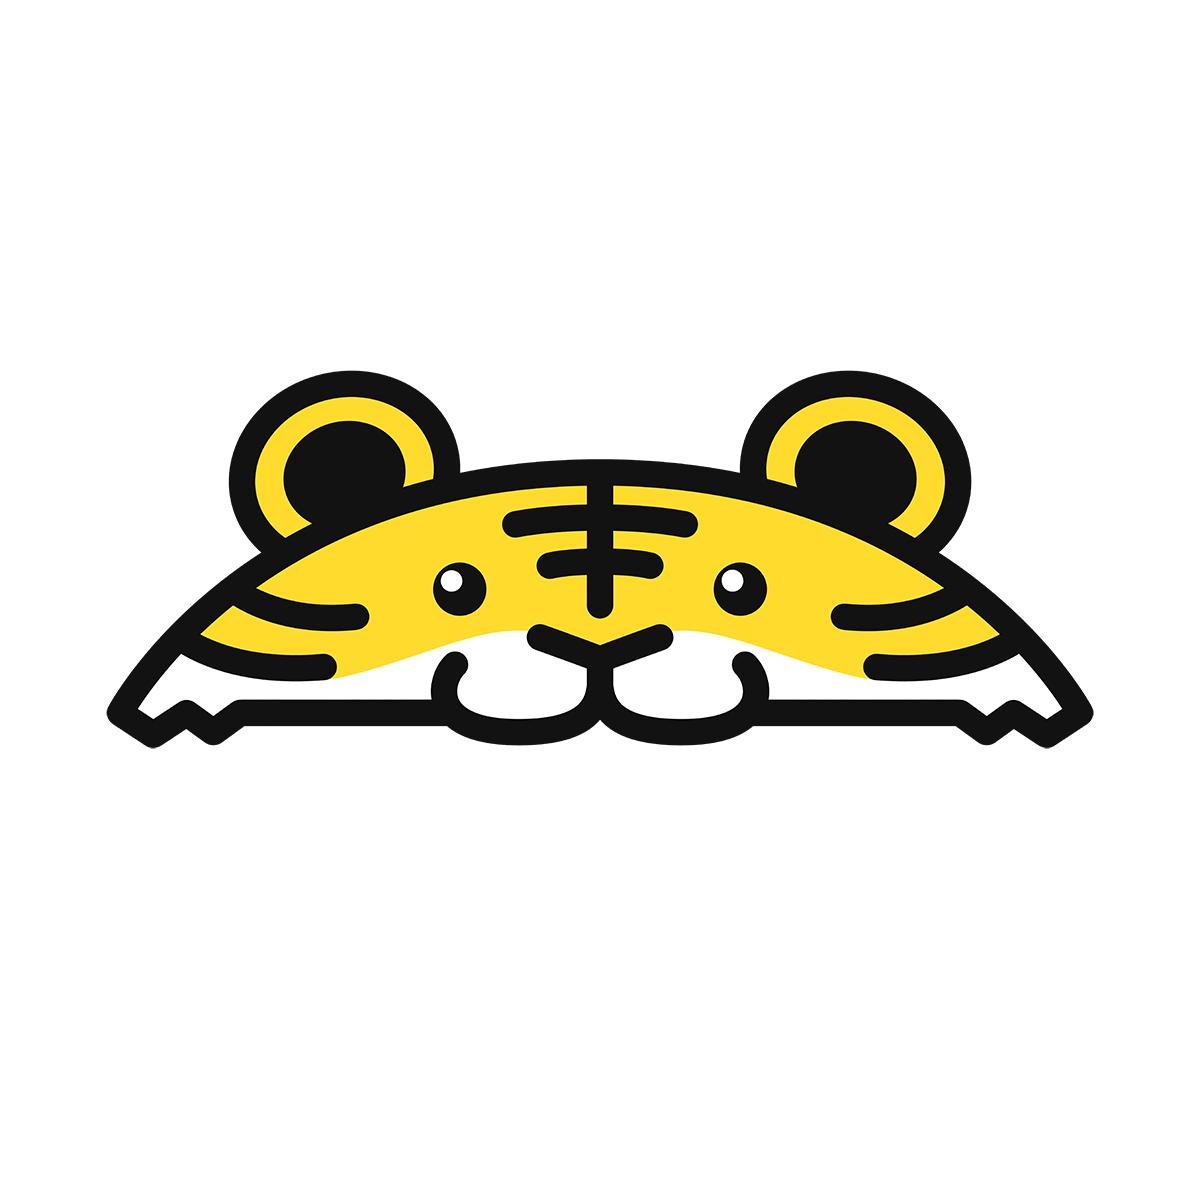 干支:トラ・虎・寅(2)の無料イラスト